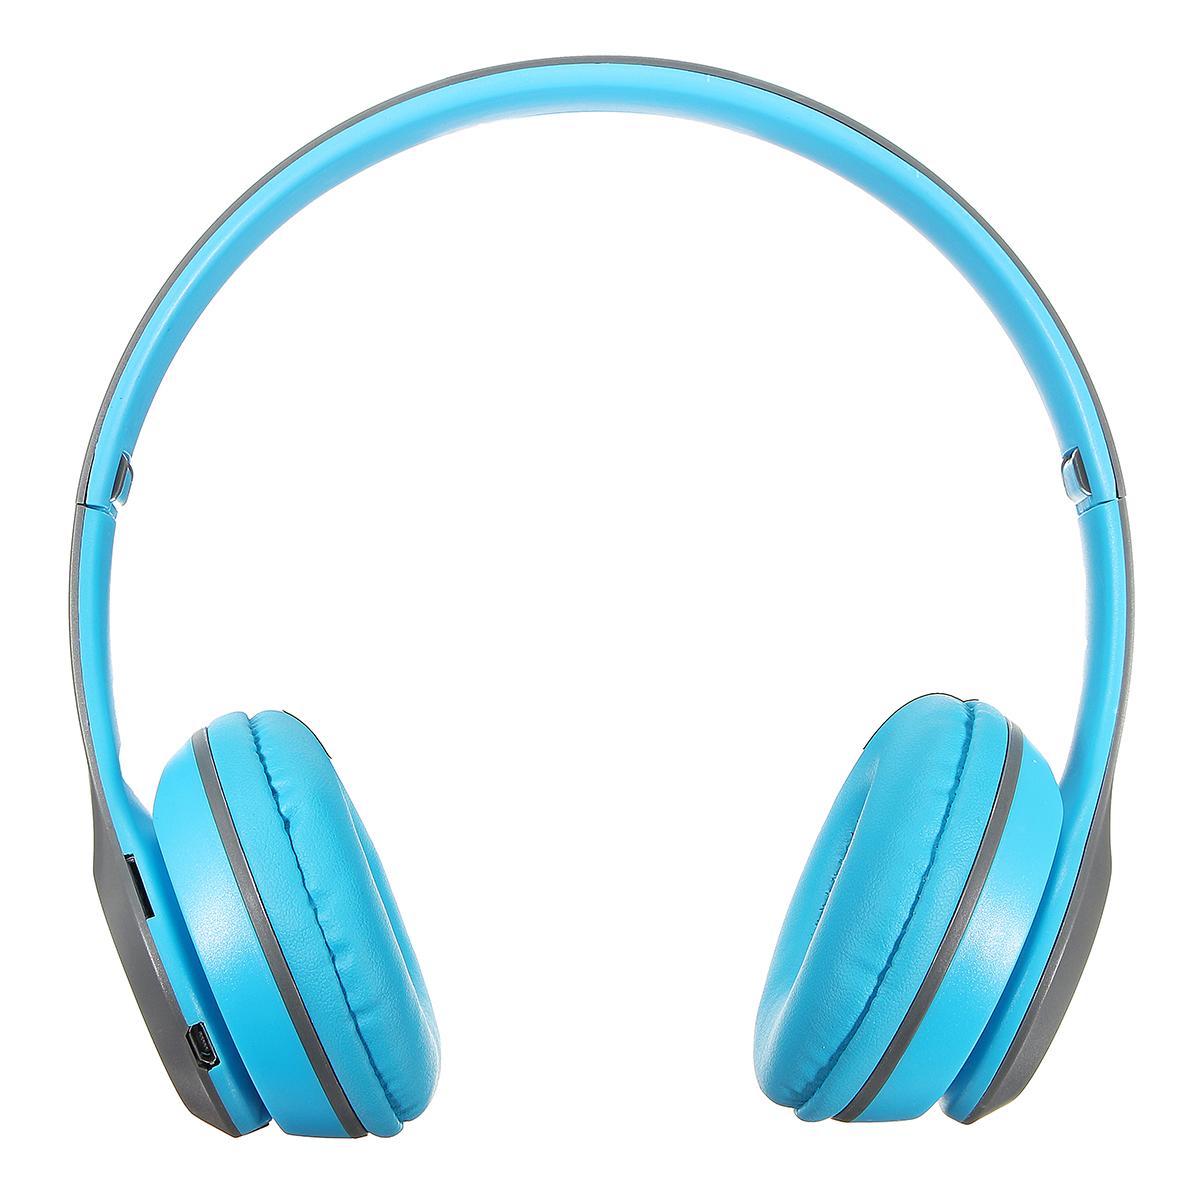 NEUFU Pliable Bluetooth 4.2 Casque Sans Fil